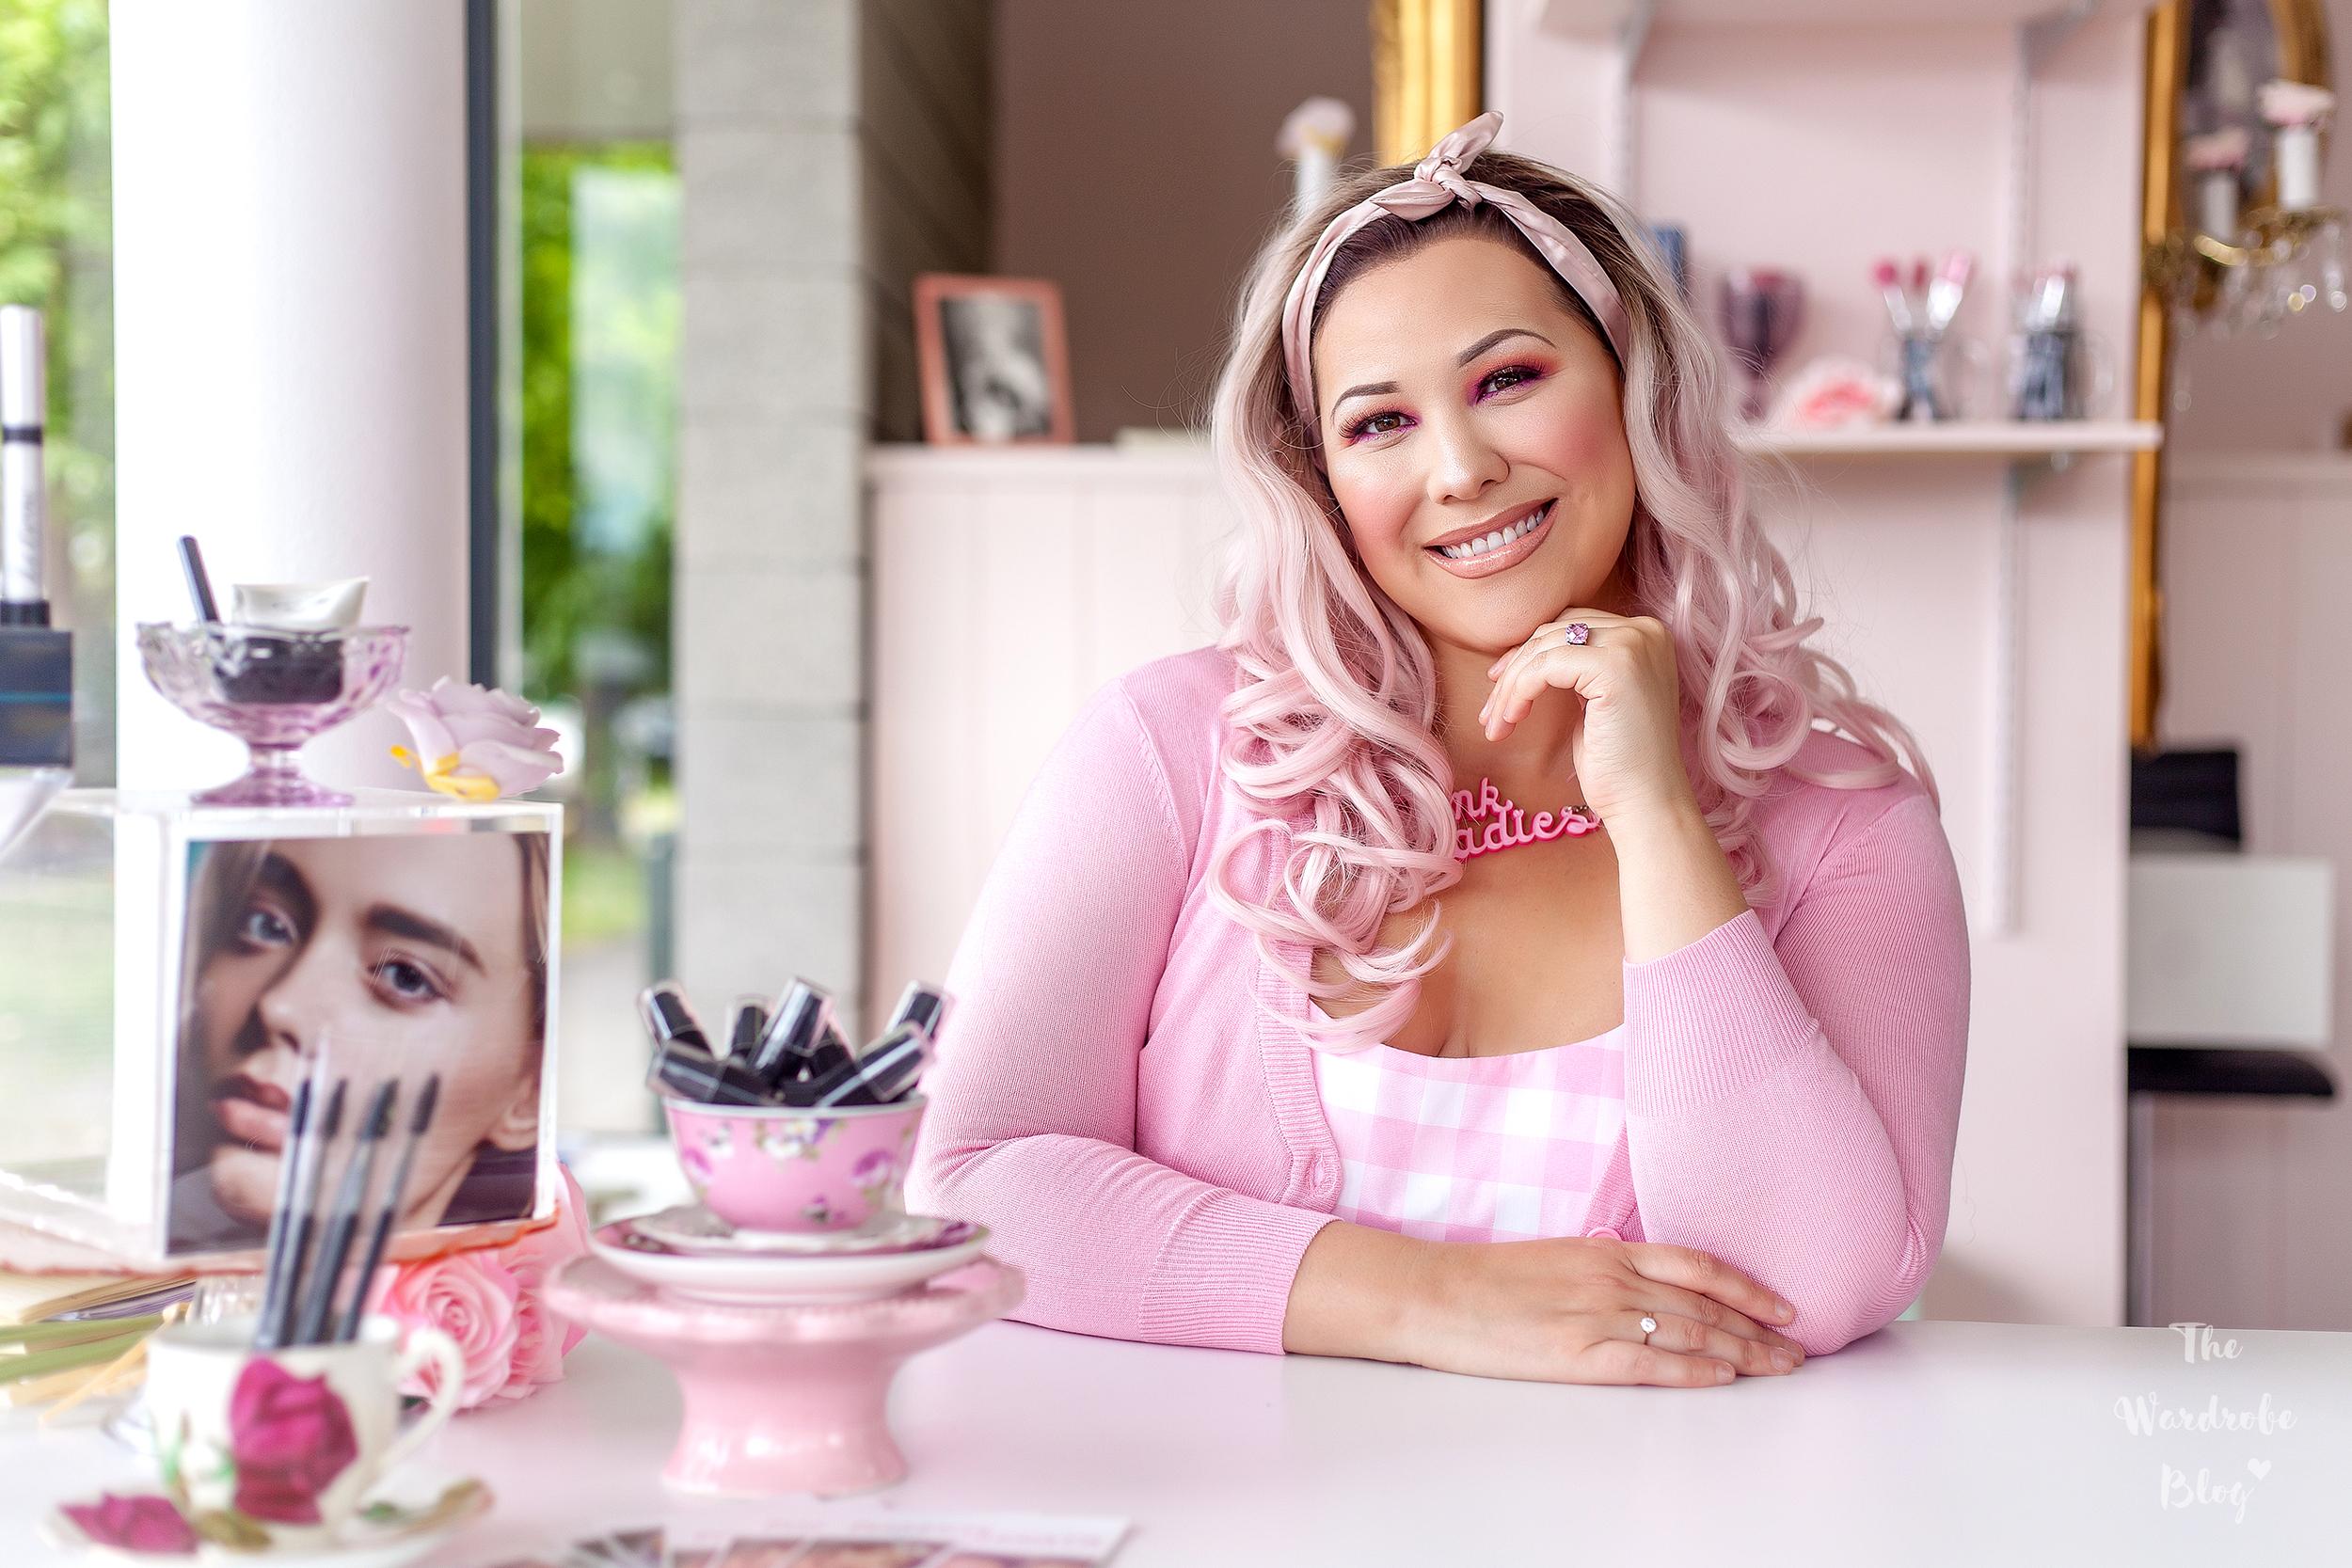 Phoenix-Renata-Cosmetics-Interview-Smile